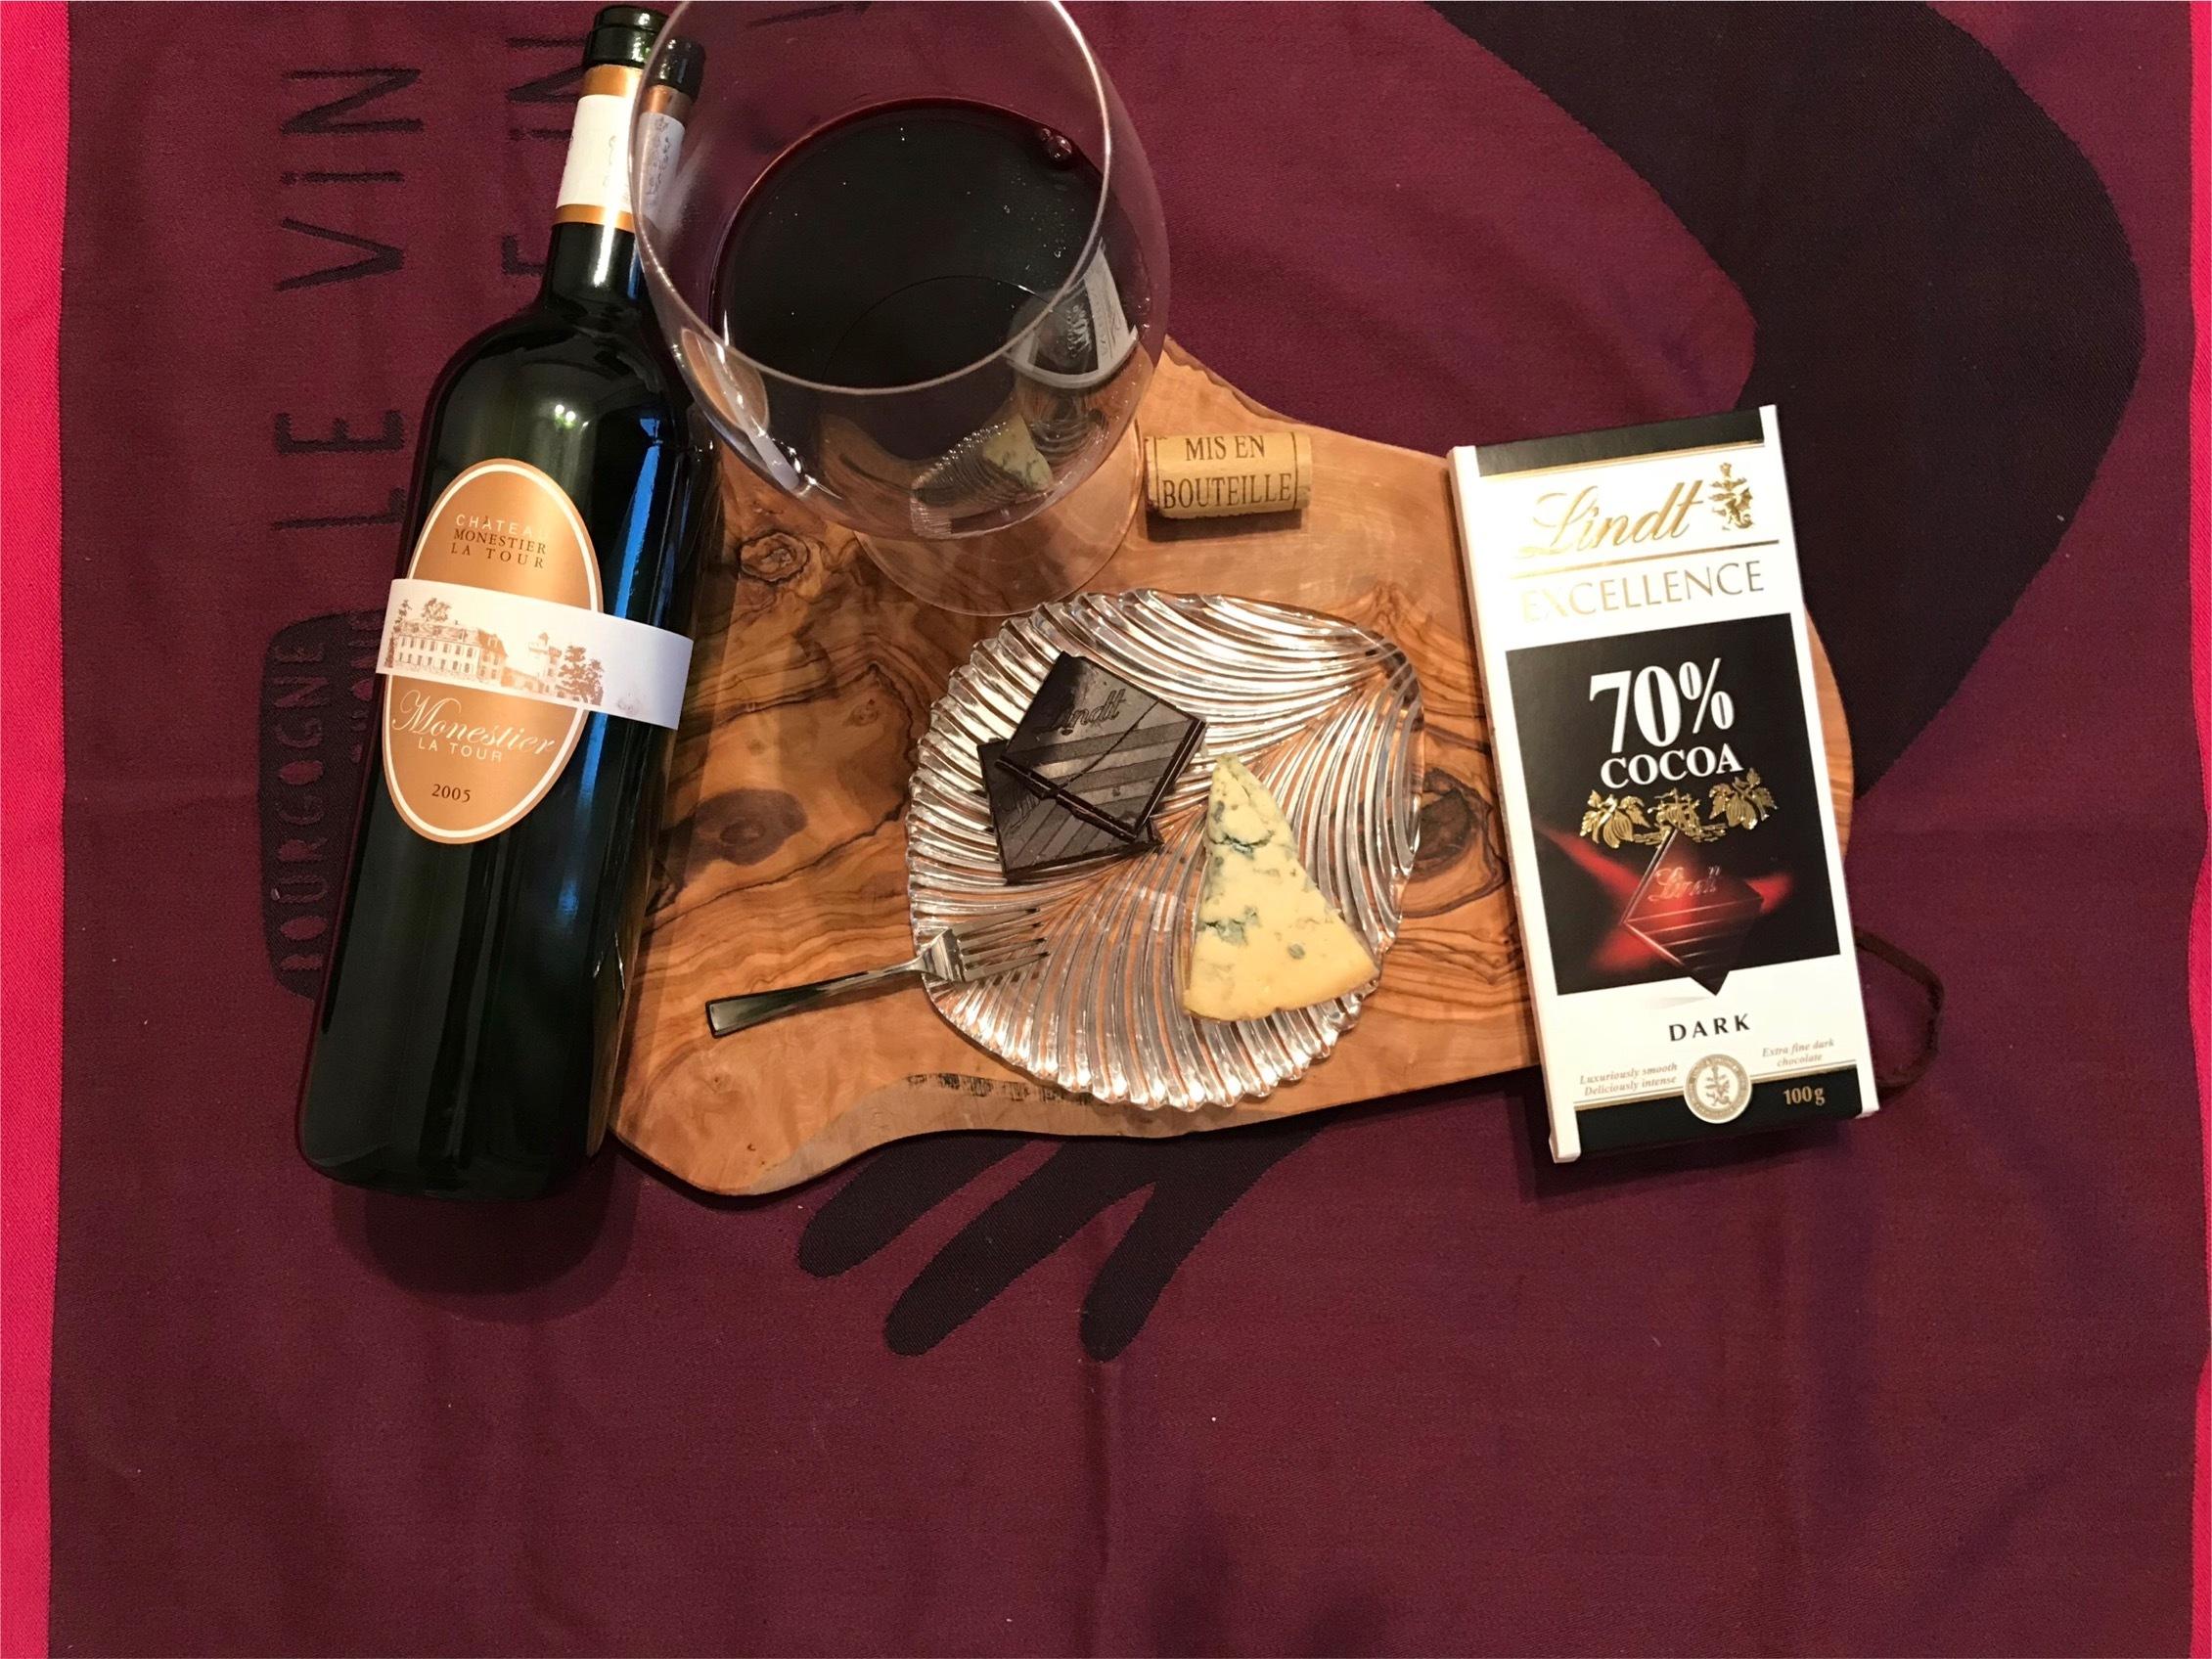 ワイン✖︎チョコ✖︎チーズのマリアージュも面白いですよ! 濃厚赤ワインとダークチョコ、ブルーチーズの組み合わせは大好きです!